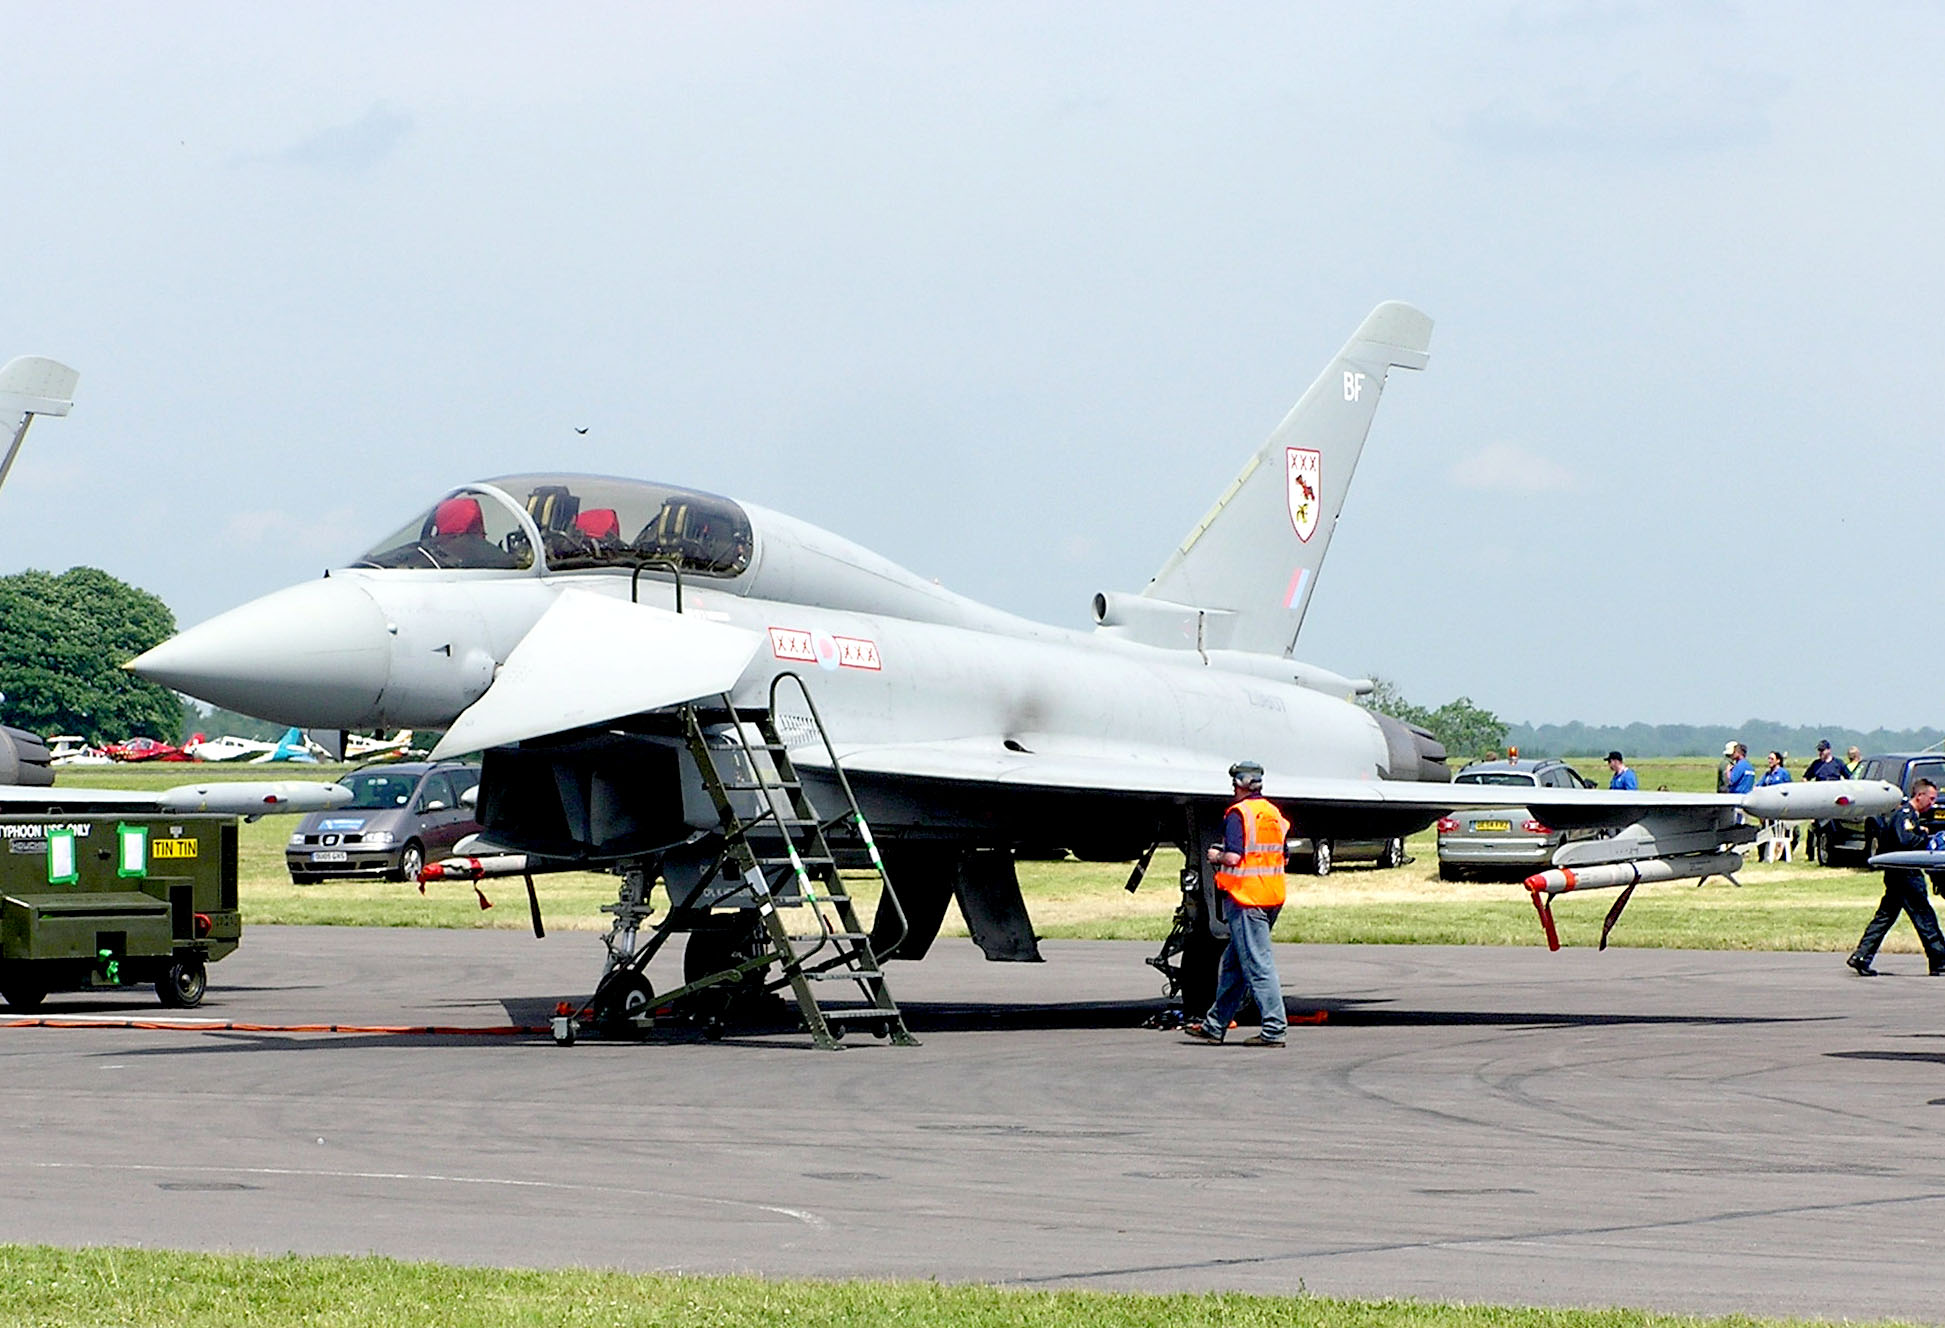 Обои истребители, Royal Air Force, сопровождение, самолеты, Red arrows, транспортный, Airbus A400M Atlas, четырёхмоторный, Красные стрелы. Авиация foto 14